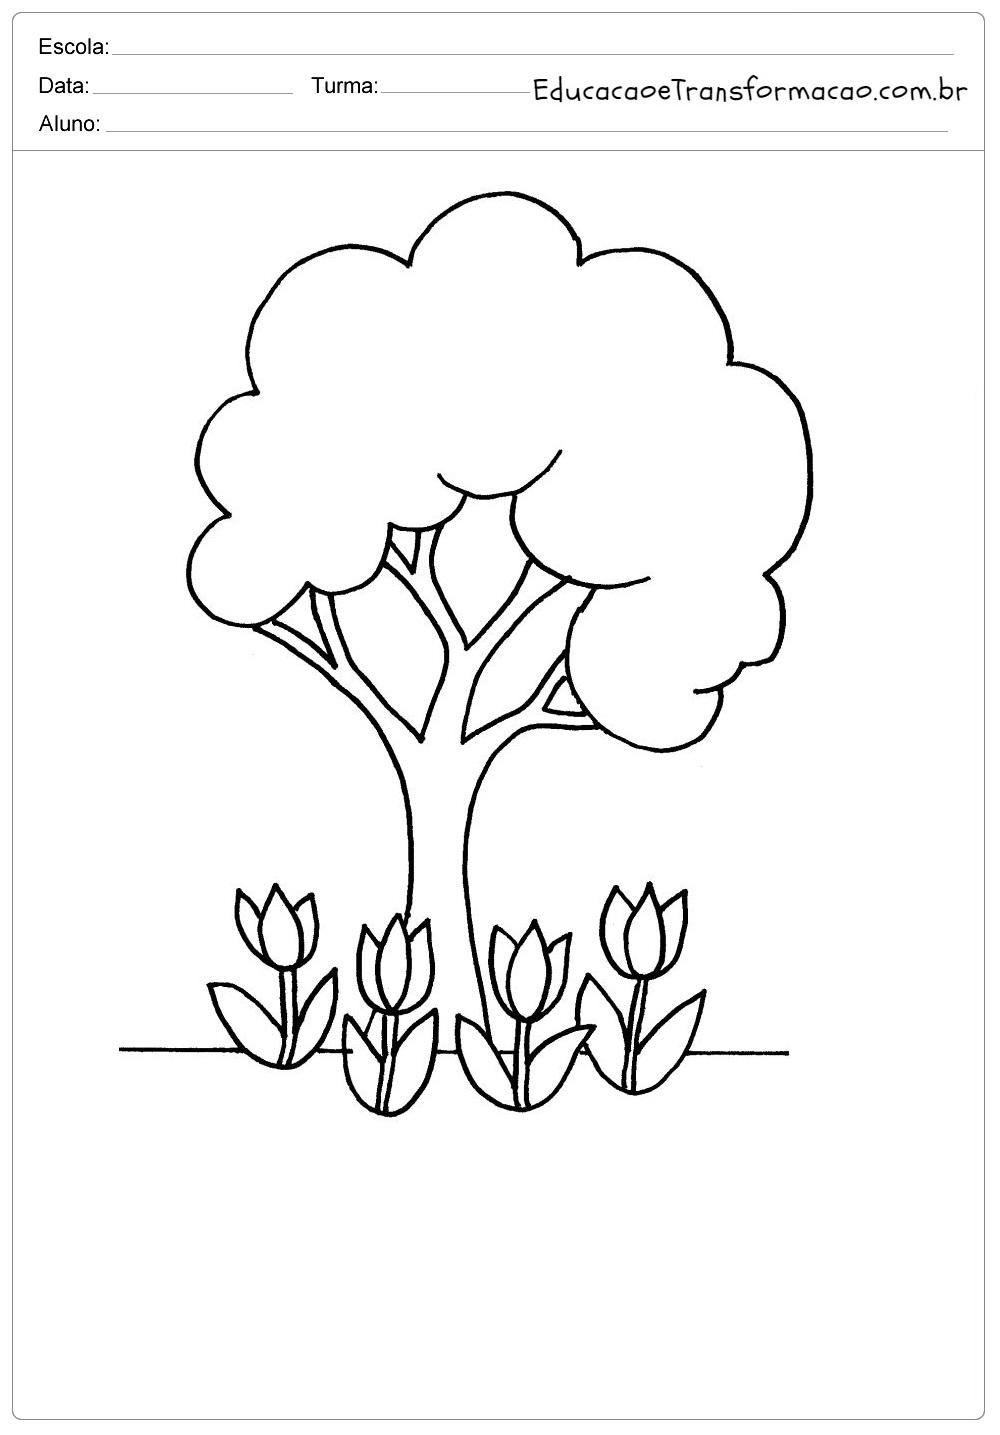 Moldes para Primavera - Estação das Flores: Flores, Arvores, Bichinhos, Menino e Menina.